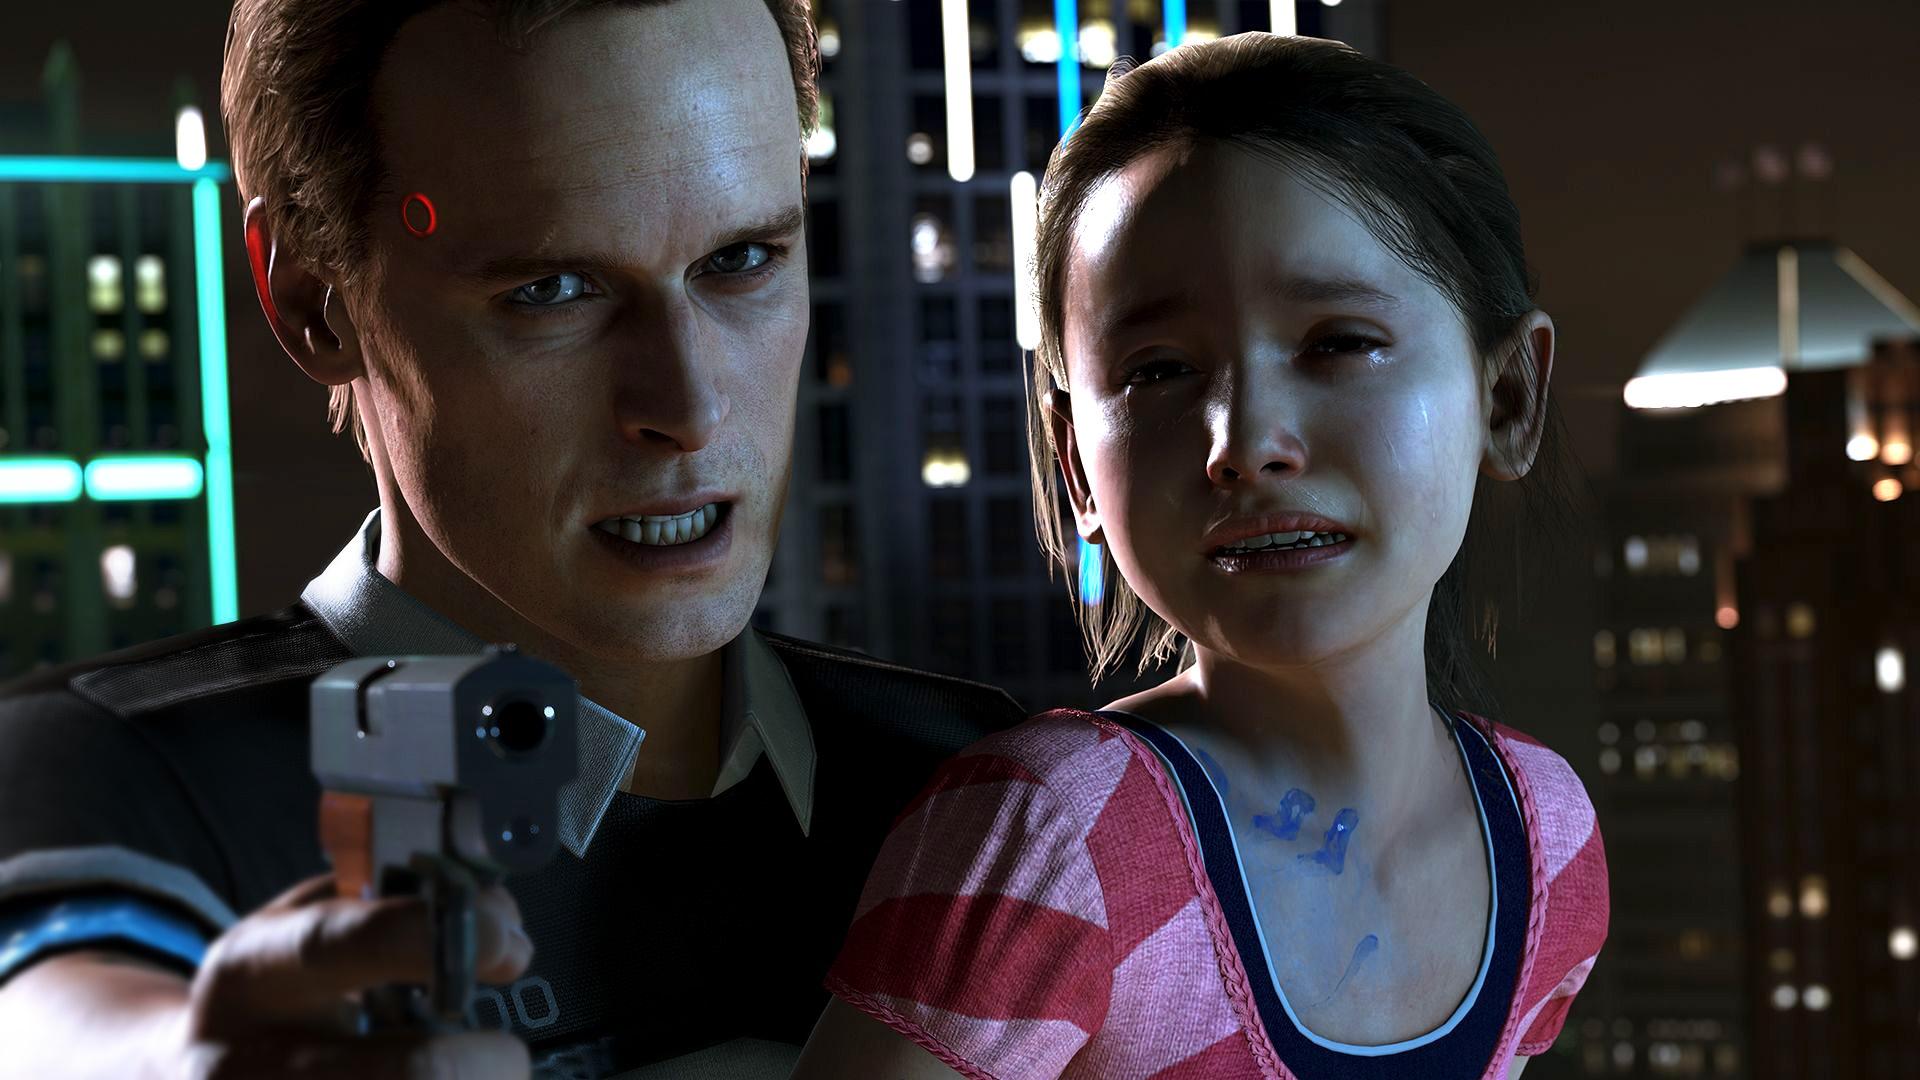 少女を人質に取るアンドロイド。彼の中で何かが暴走してしまったようだ